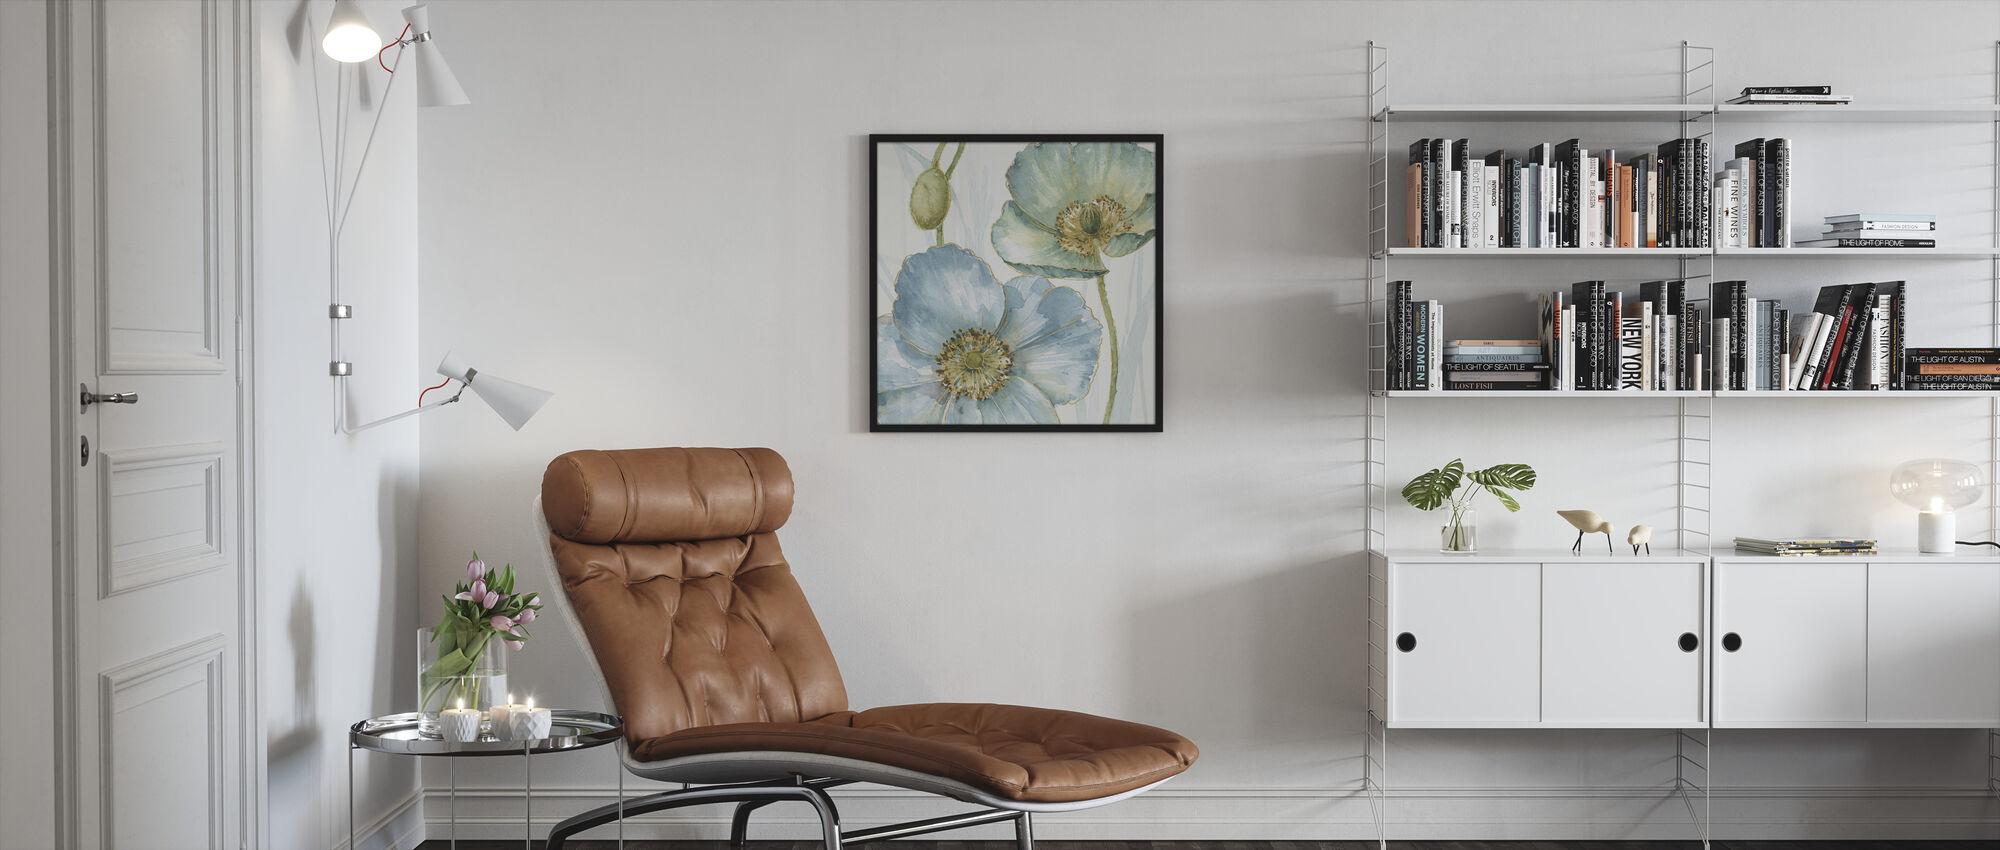 Blue Mountain Poppy - Framed print - Living Room